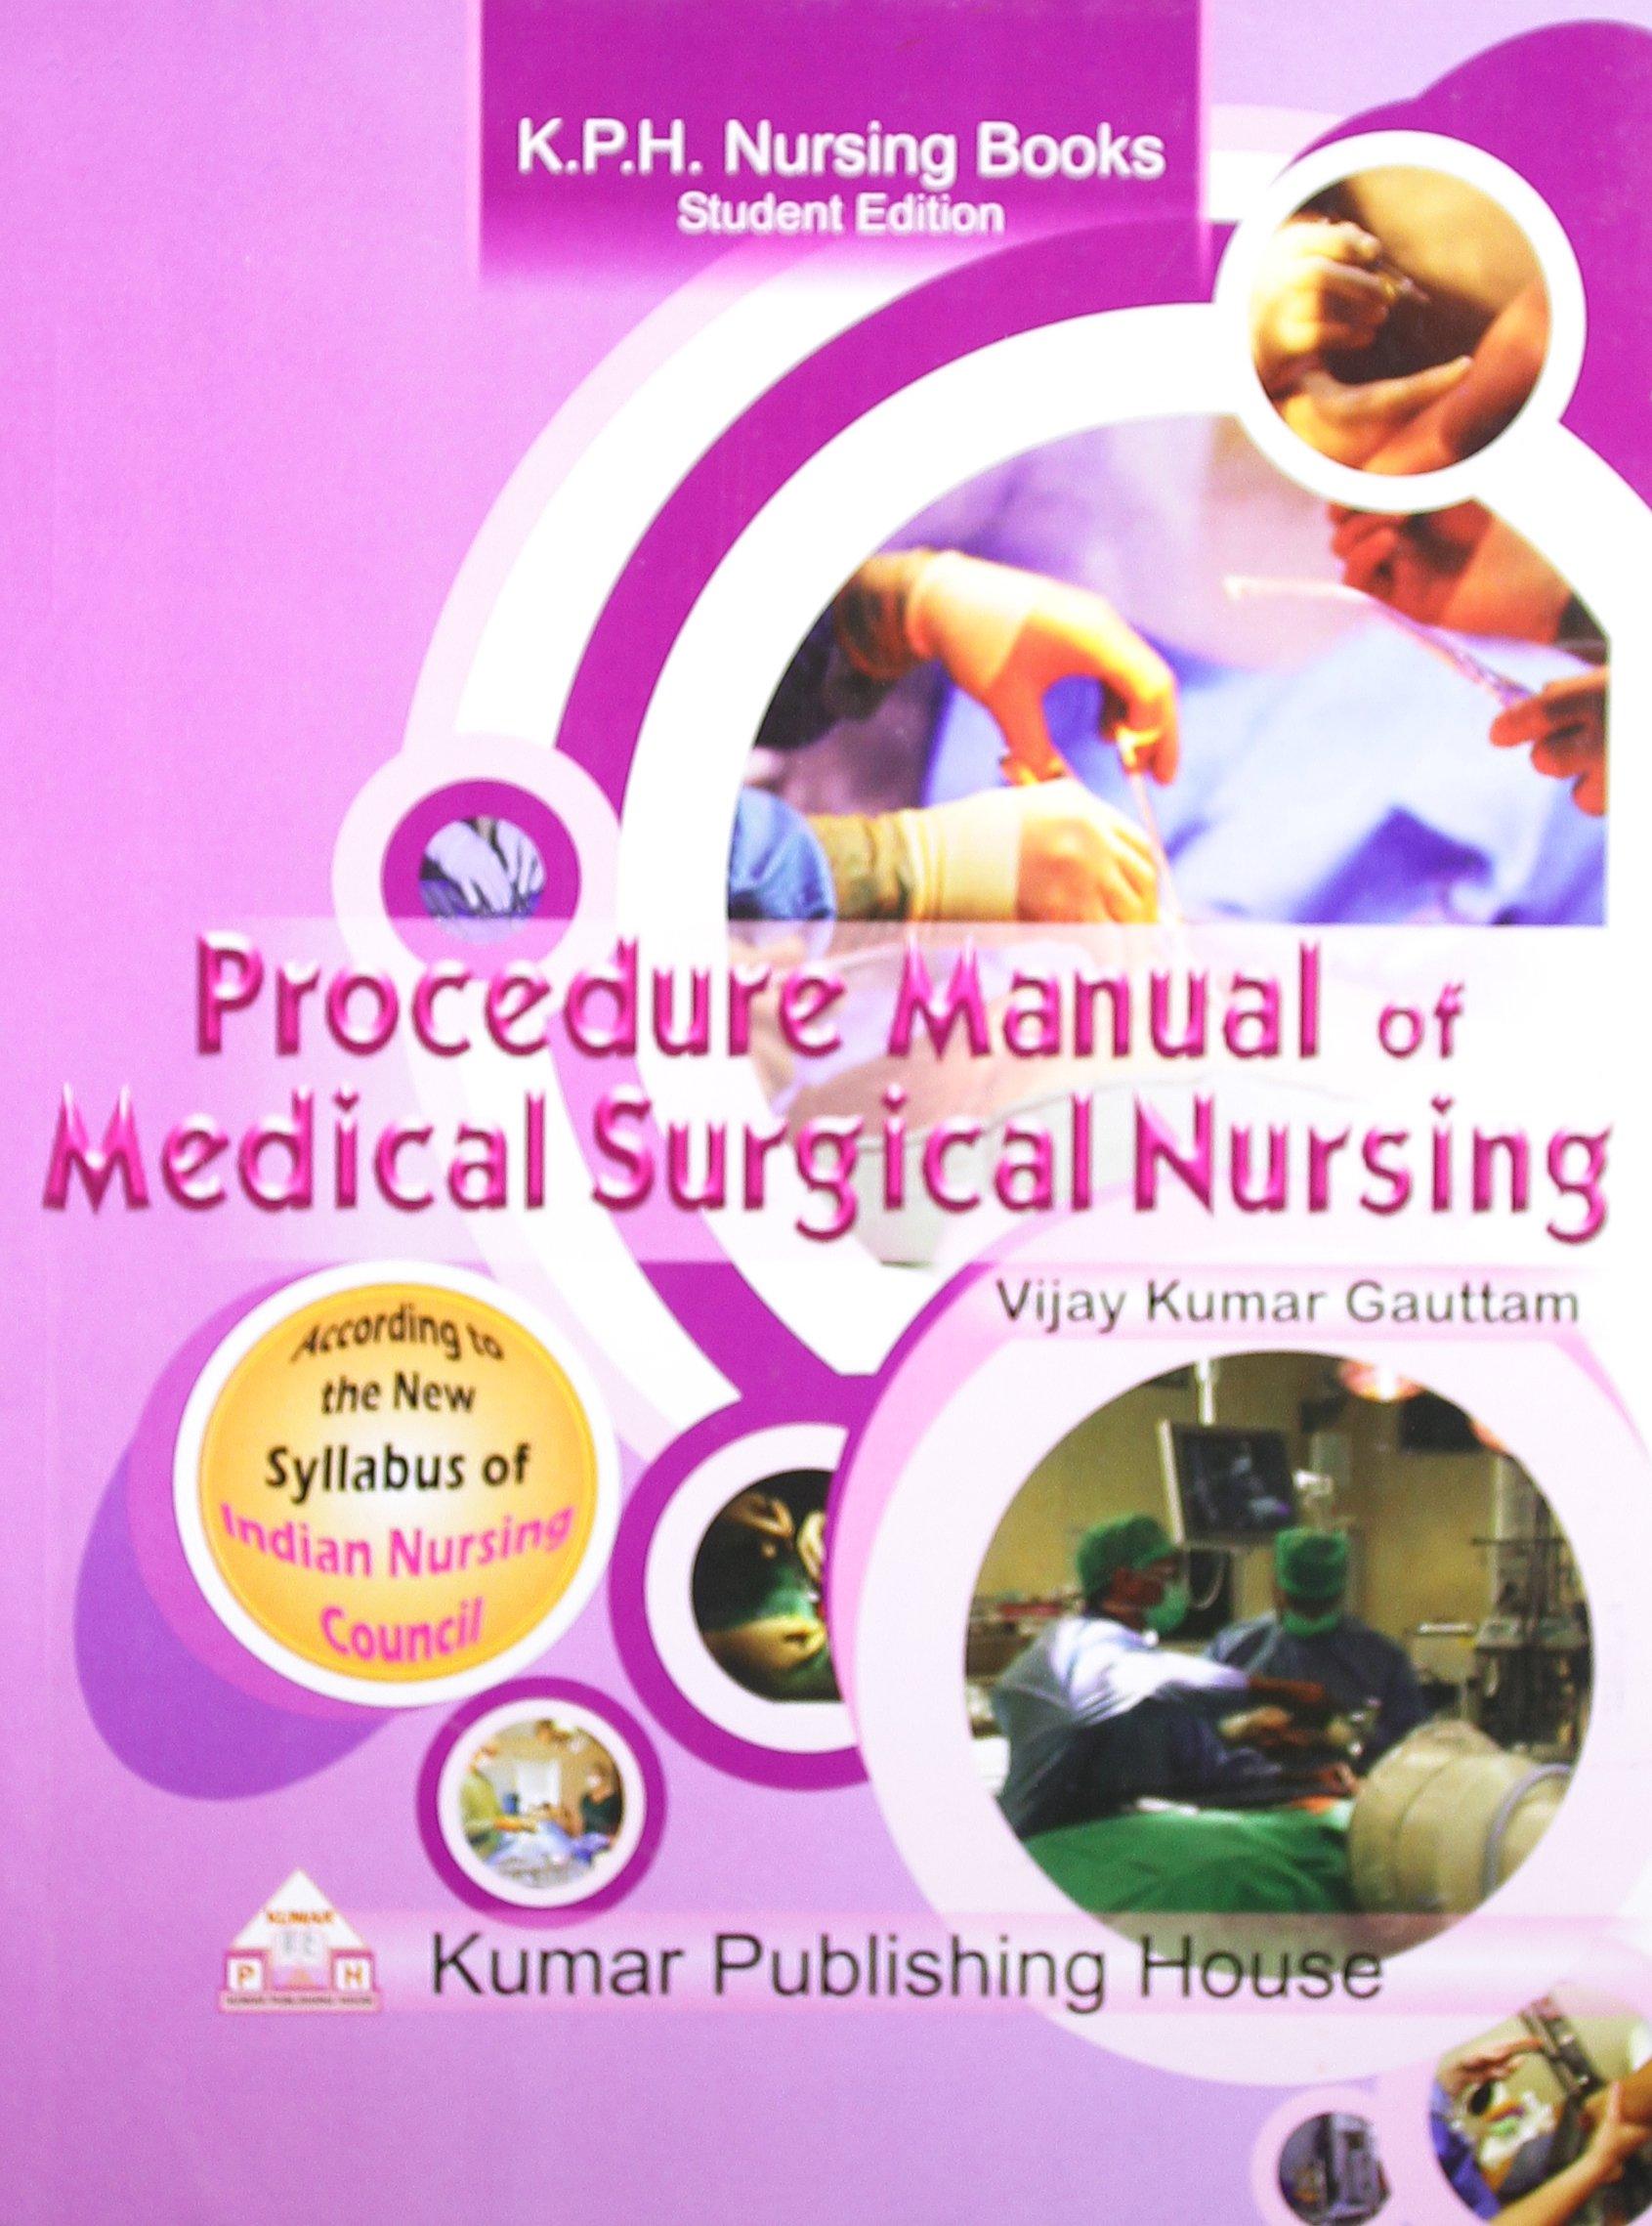 Procedures manual book of medical surgical nursing, chikitsa ki.